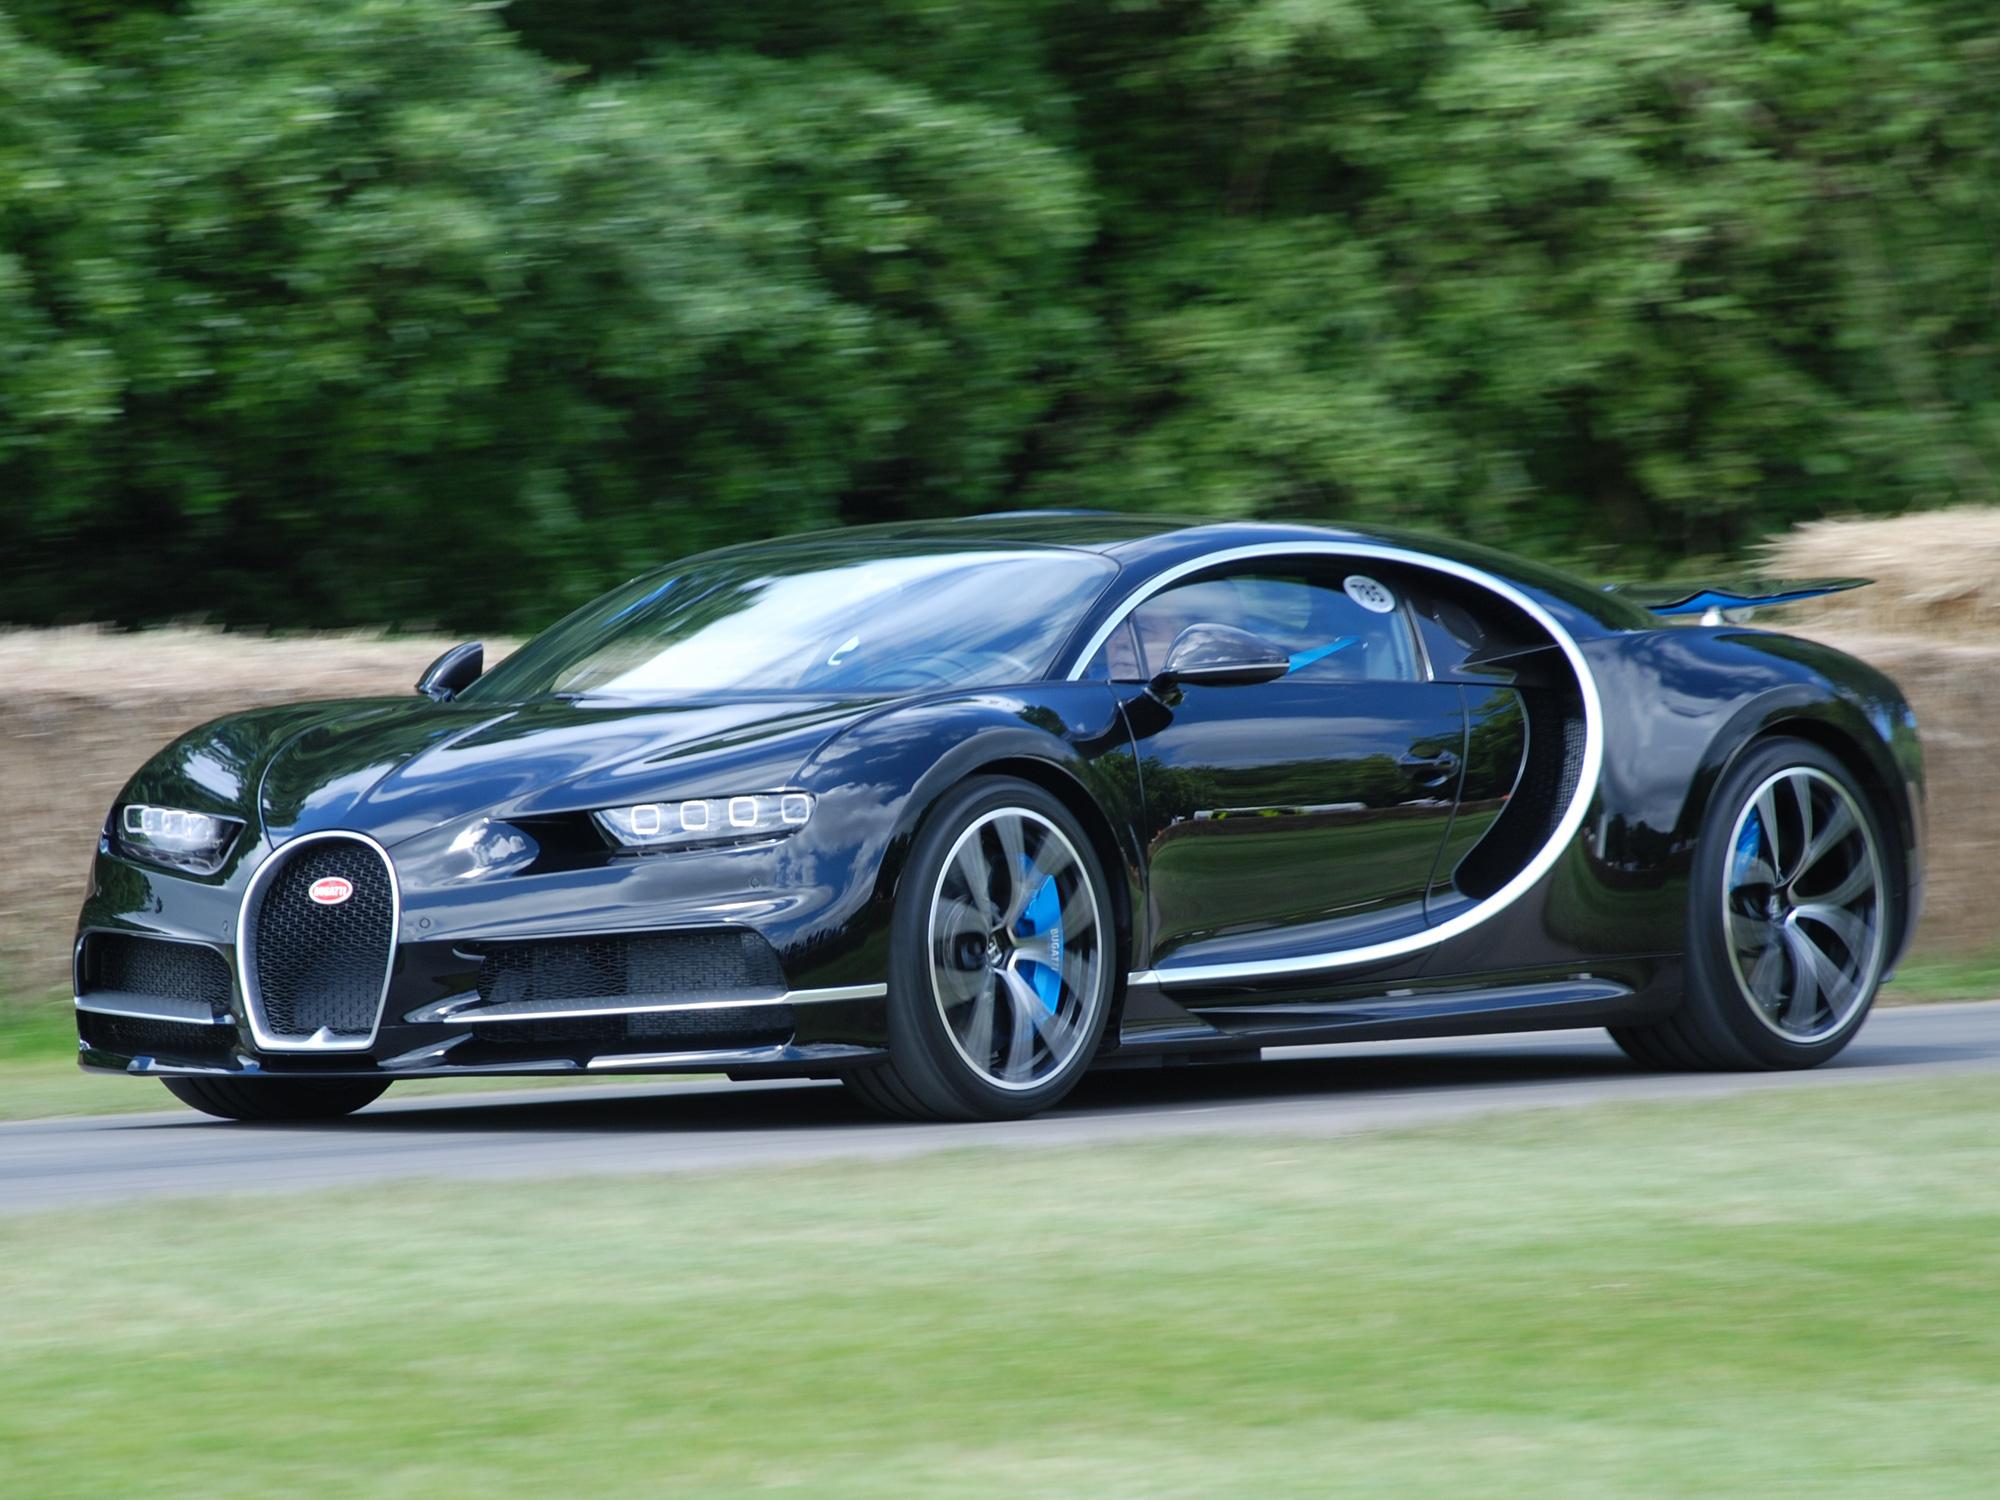 Nghe thử âm thanh từ động cơ 1.600 mã lực của Bugatti Chiron